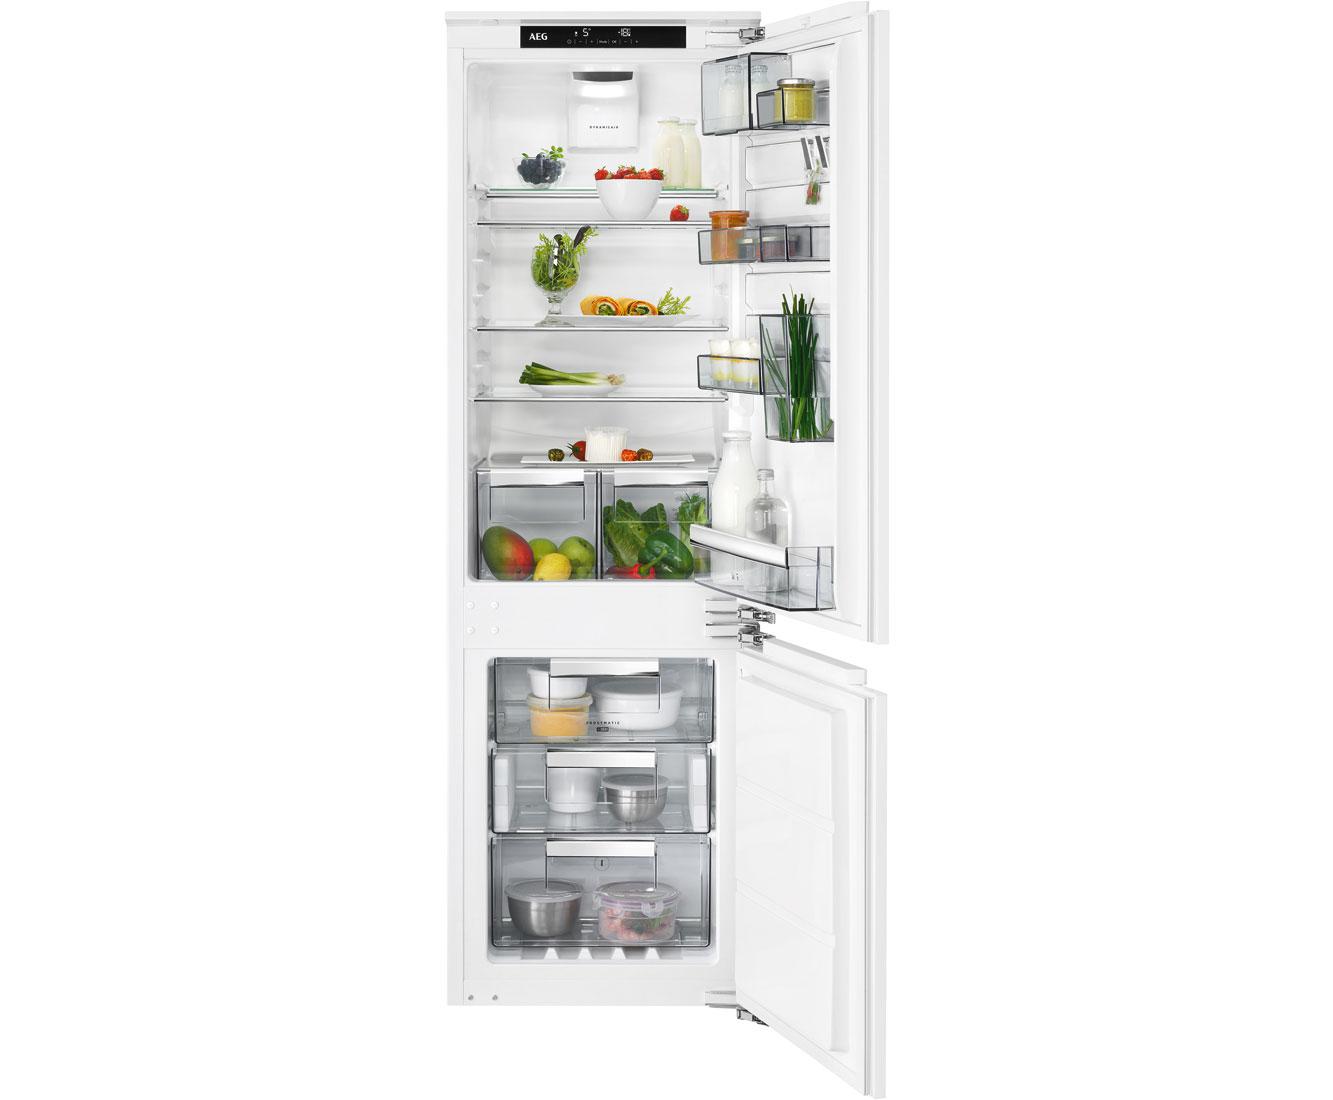 Aeg Kühlschrank Santo Temperatur Einstellen : Coolmatic kompressor kühlschrank preisvergleich u die besten